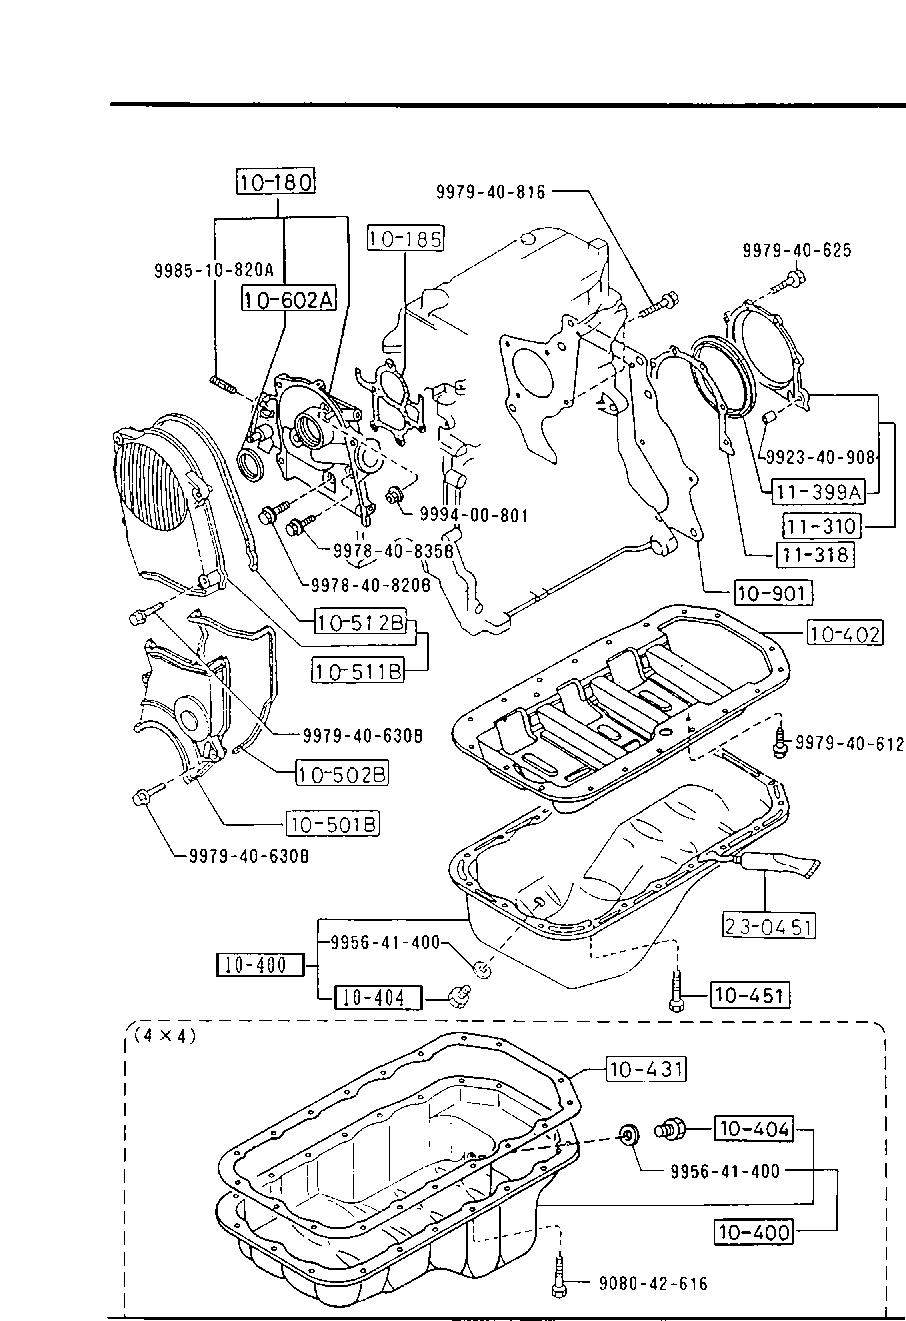 medium resolution of 87 mazda 4cyl engine diagram wiring diagrams posts 87 mazda 4cyl engine diagram